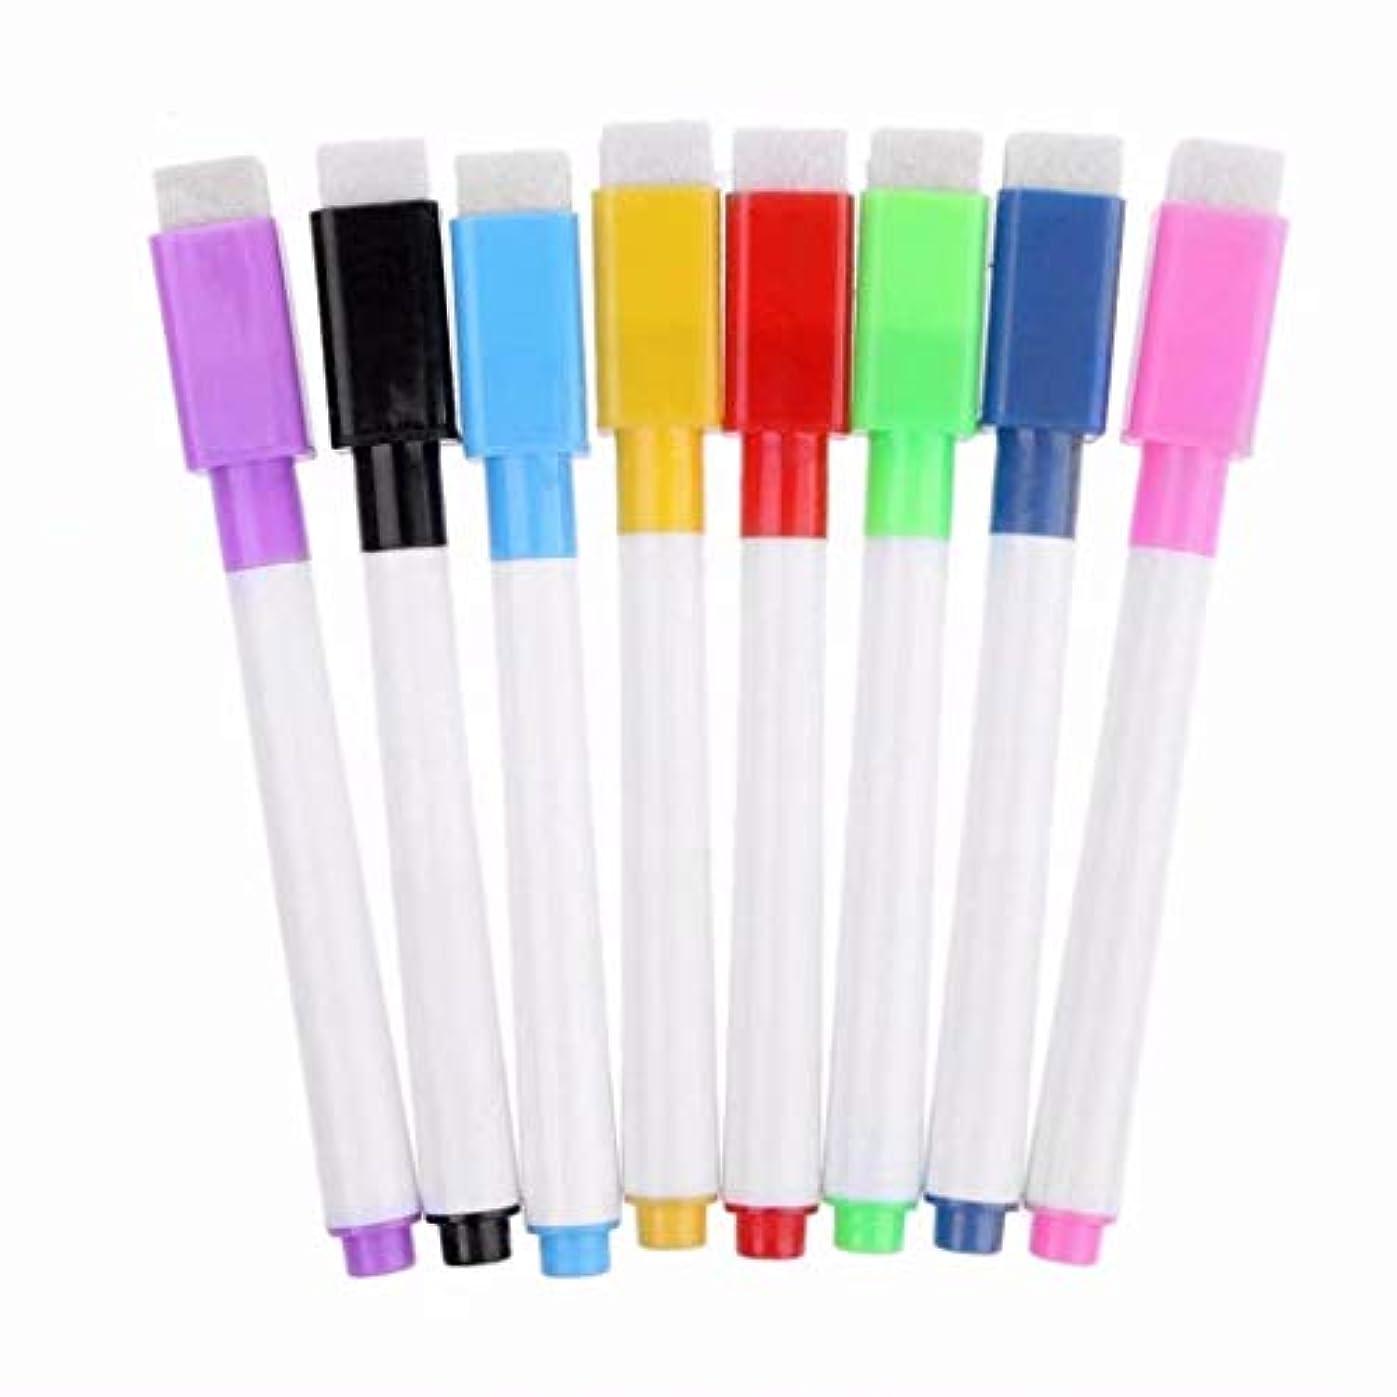 村四面体試み七里の香 磁気ホワイトボードペン消去可能なドライホワイトボードマーカーマグネットは、 イレーザー 学校教育事務用品 8個セット